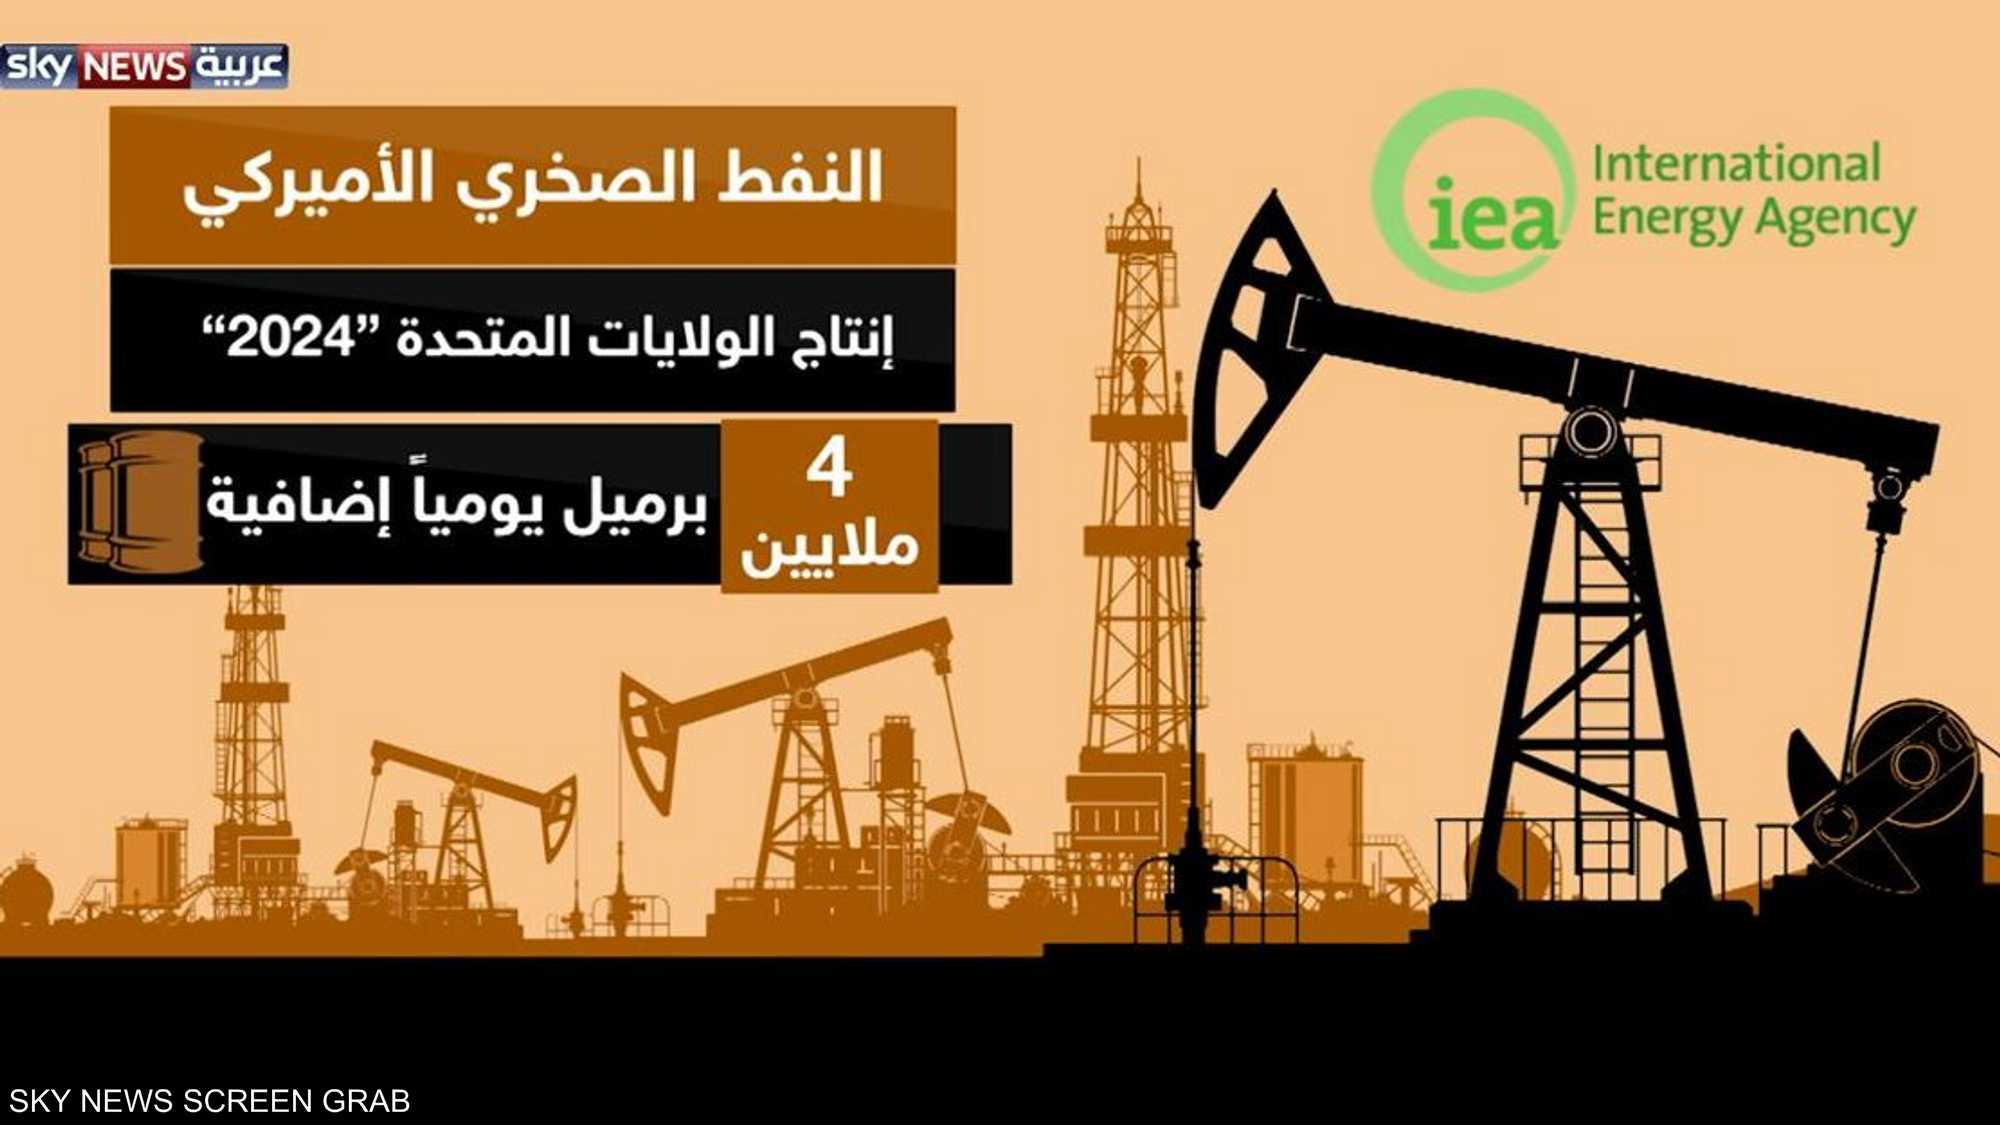 وكالة الطاقة: الموجة الثانية من ثورة النفط الصخري قادمة